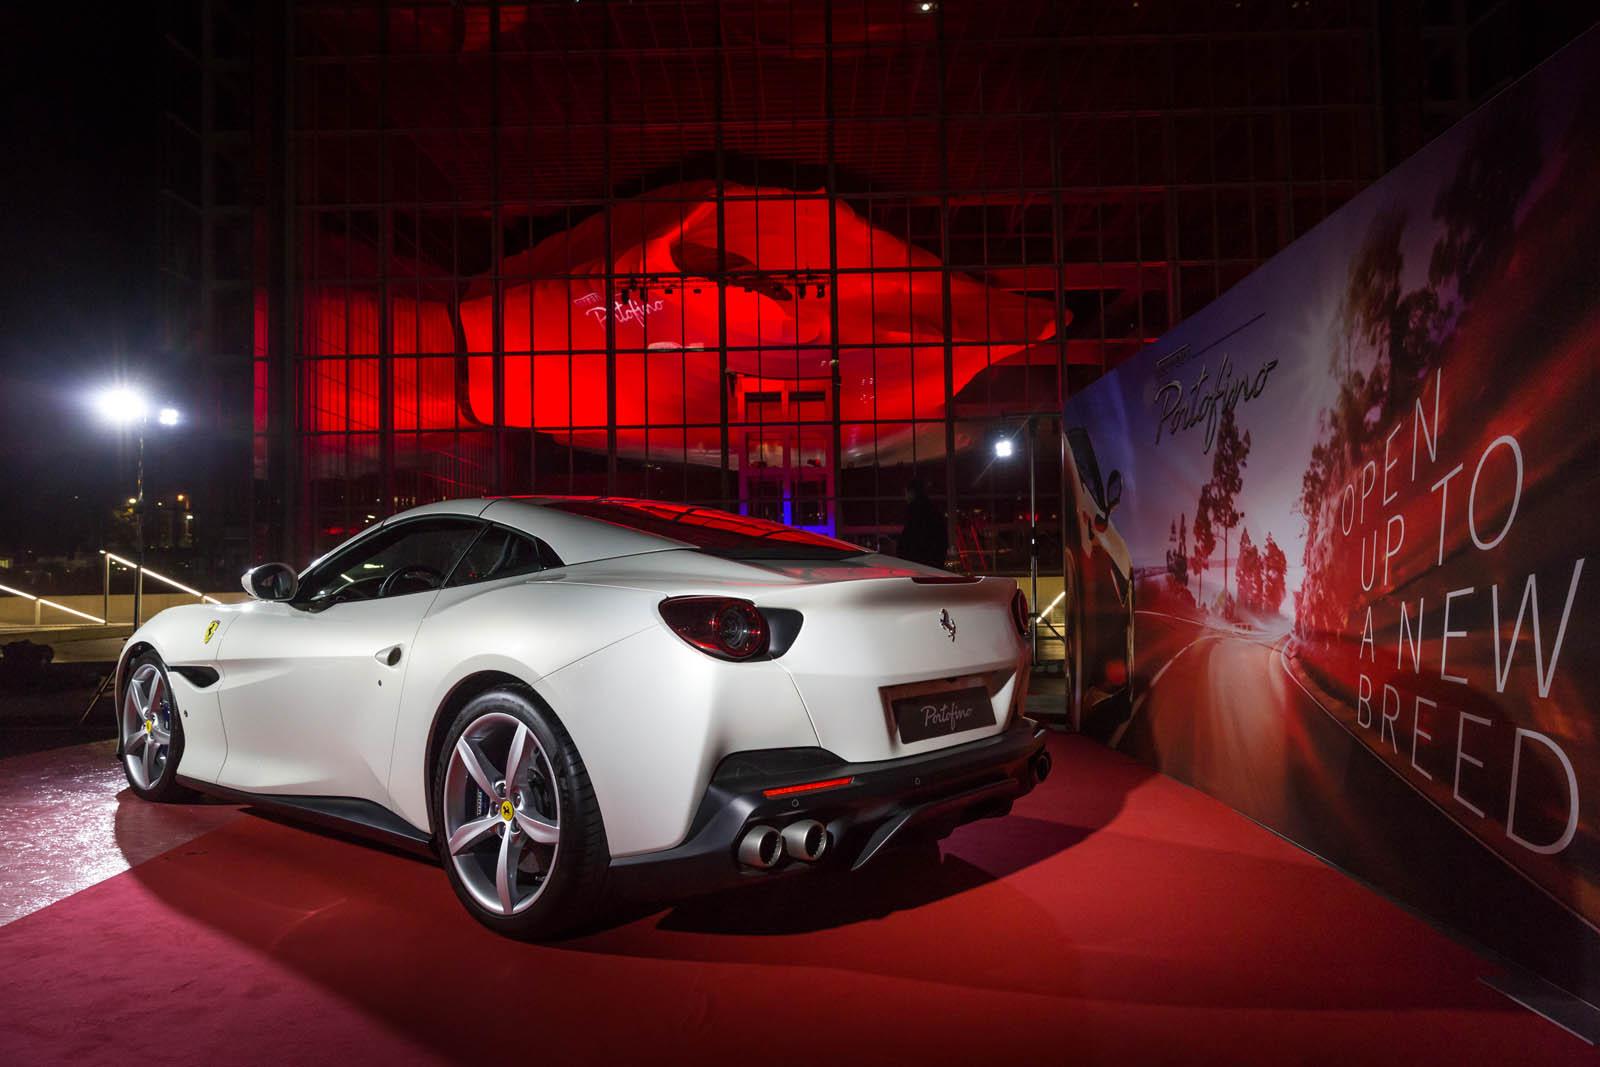 Gas Prices In California >> Ferrari Portofino Comes Home For Italian Debut In Rome ...